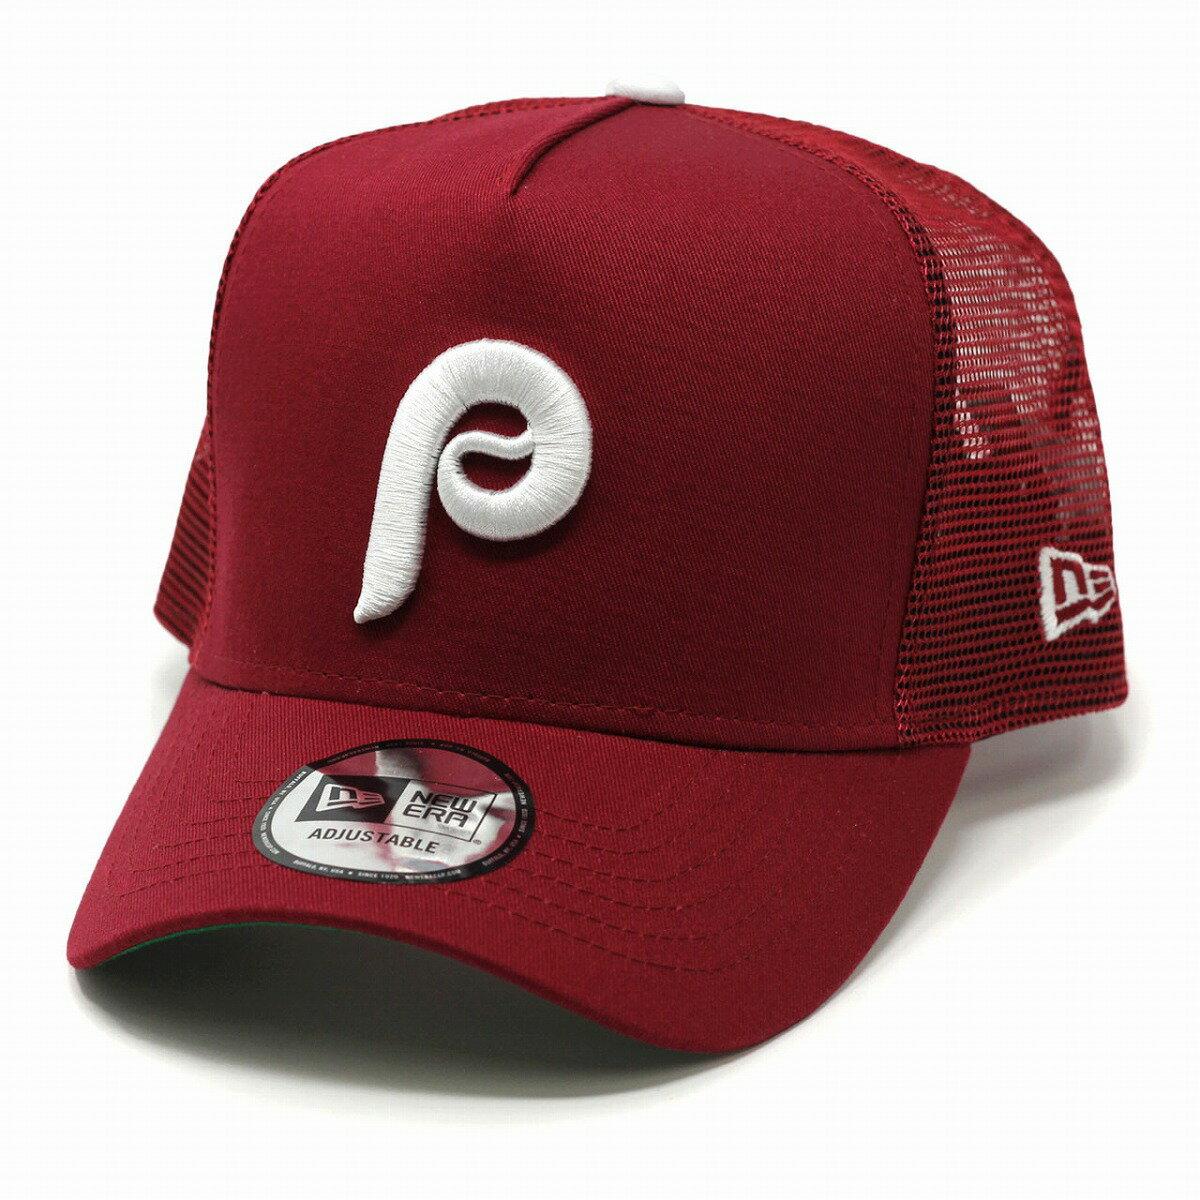 メンズ帽子, キャップ  Trucker NEWERA MLB 9FORTY D-Frame newera Philadelphia Phillies baseball cap